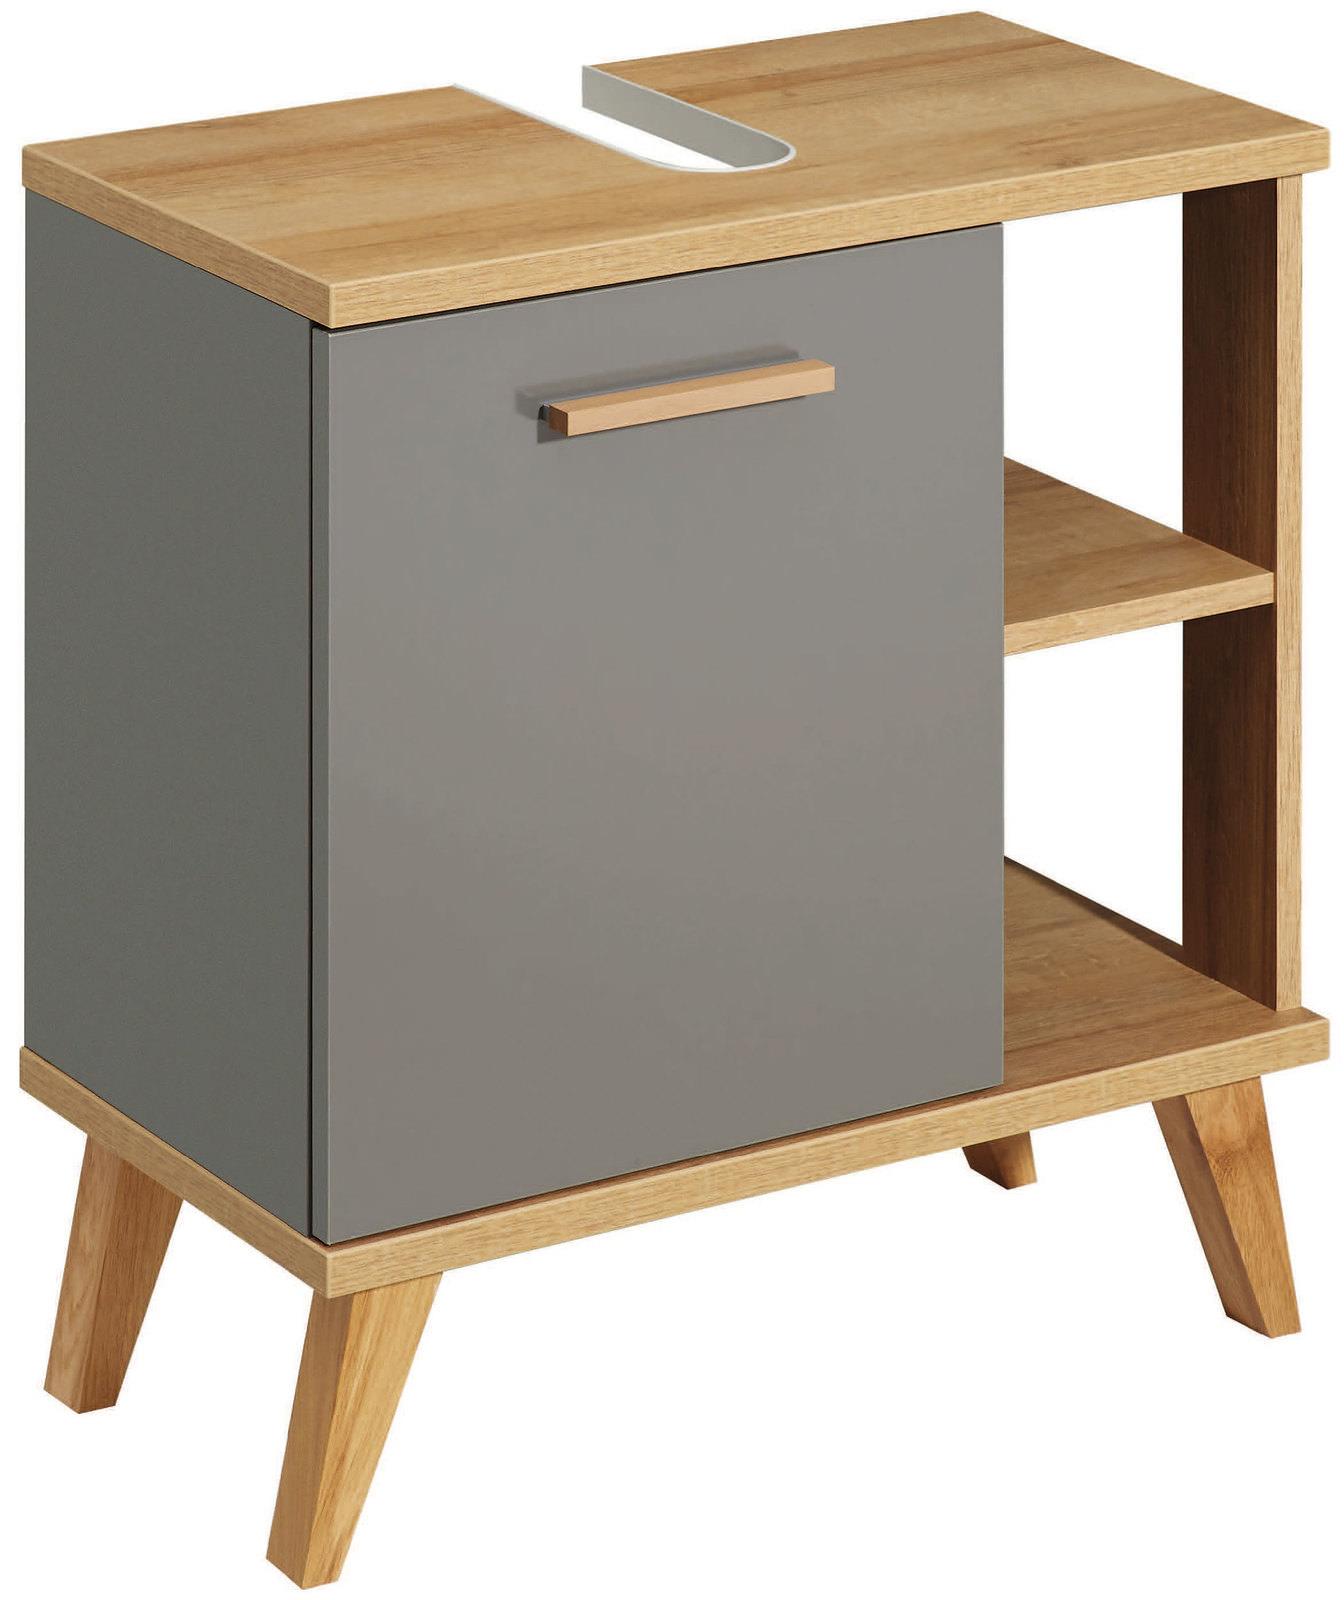 vito waschbeckenunterschrank online entdecken schaffrath ihr m belhaus. Black Bedroom Furniture Sets. Home Design Ideas